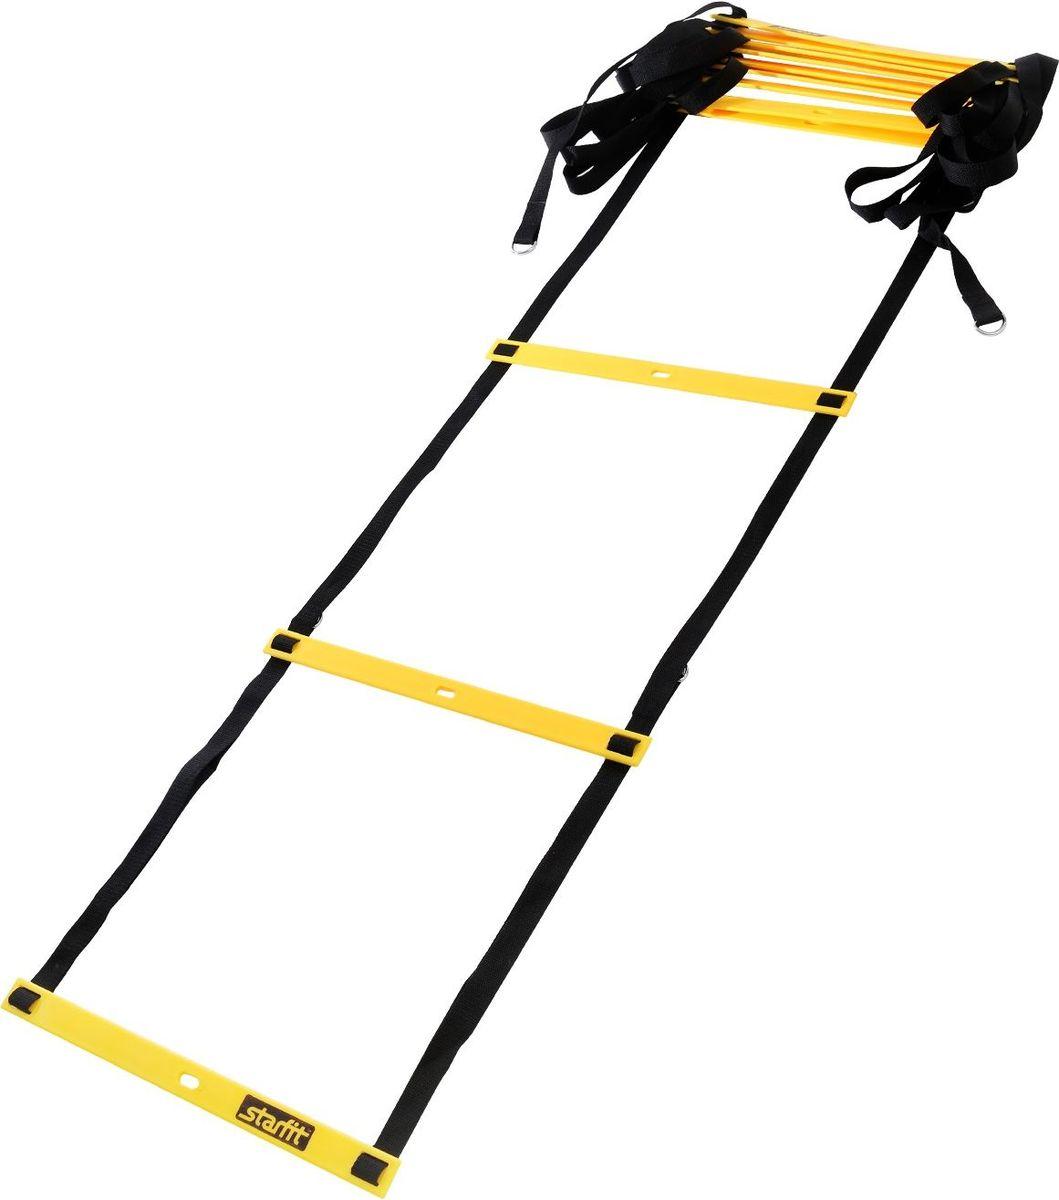 Лестница координационная Starfit  FA-601 , цвет: желтый, черный - Аксессуары для командных видов спорта